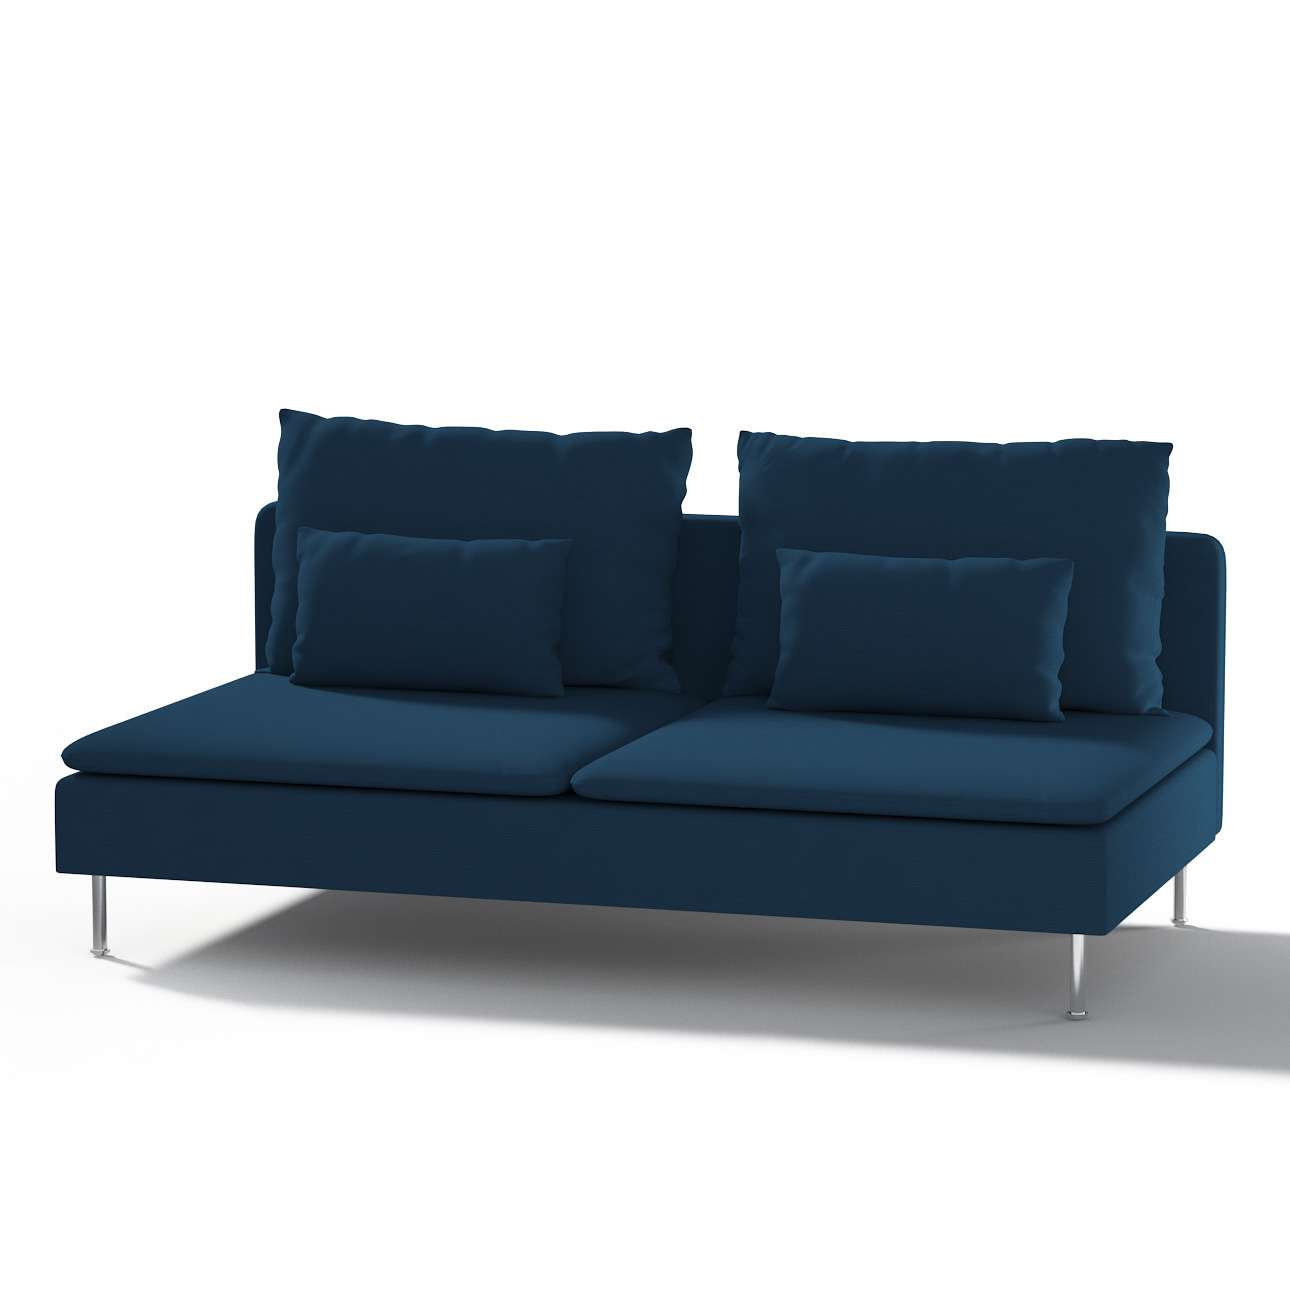 Söderhamn Bezug für Sitzelement 3 Sitzelement 3 von der Kollektion Cotton Panama, Stoff: 702-30